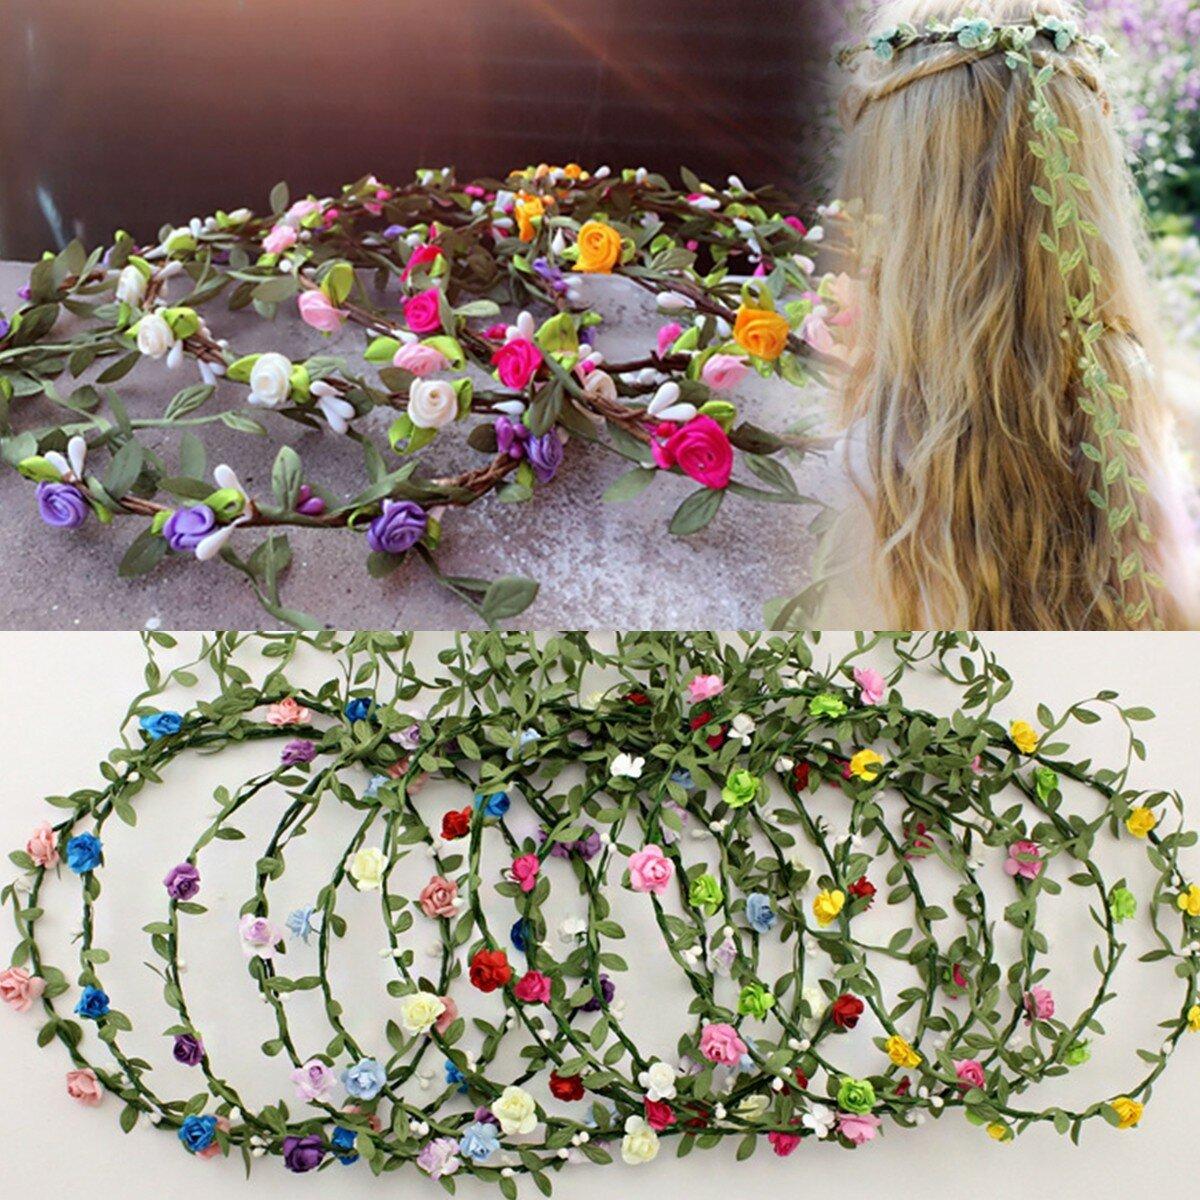 سيدة نساء فتاة الزهور مهرجان الزفاف جارلاند الشعر رئيس حزام